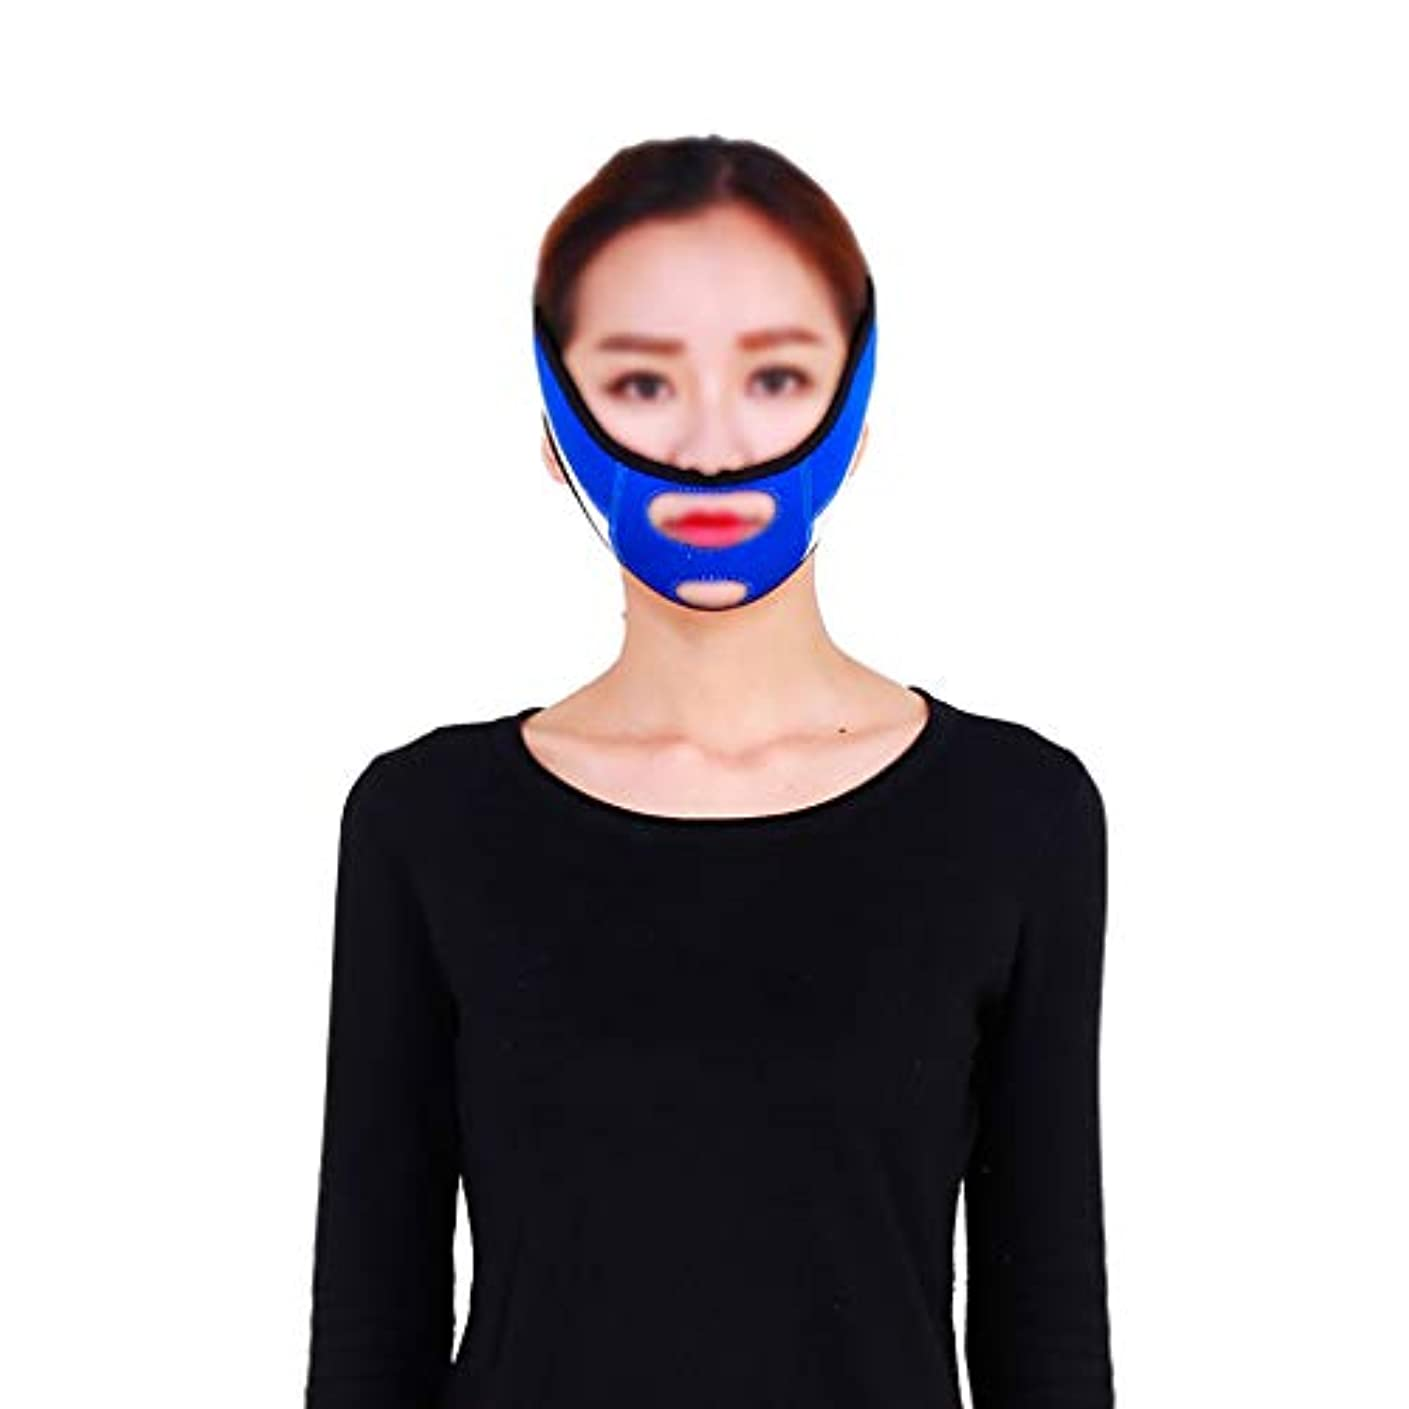 取り扱いカロリー形XHLMRMJ 引き締めフェイスマスク、たるみ肌を強化する滑り止め弾性伸縮性包帯を強化するために口を調整するための小さなV顔アーティファクトリフティングマスク